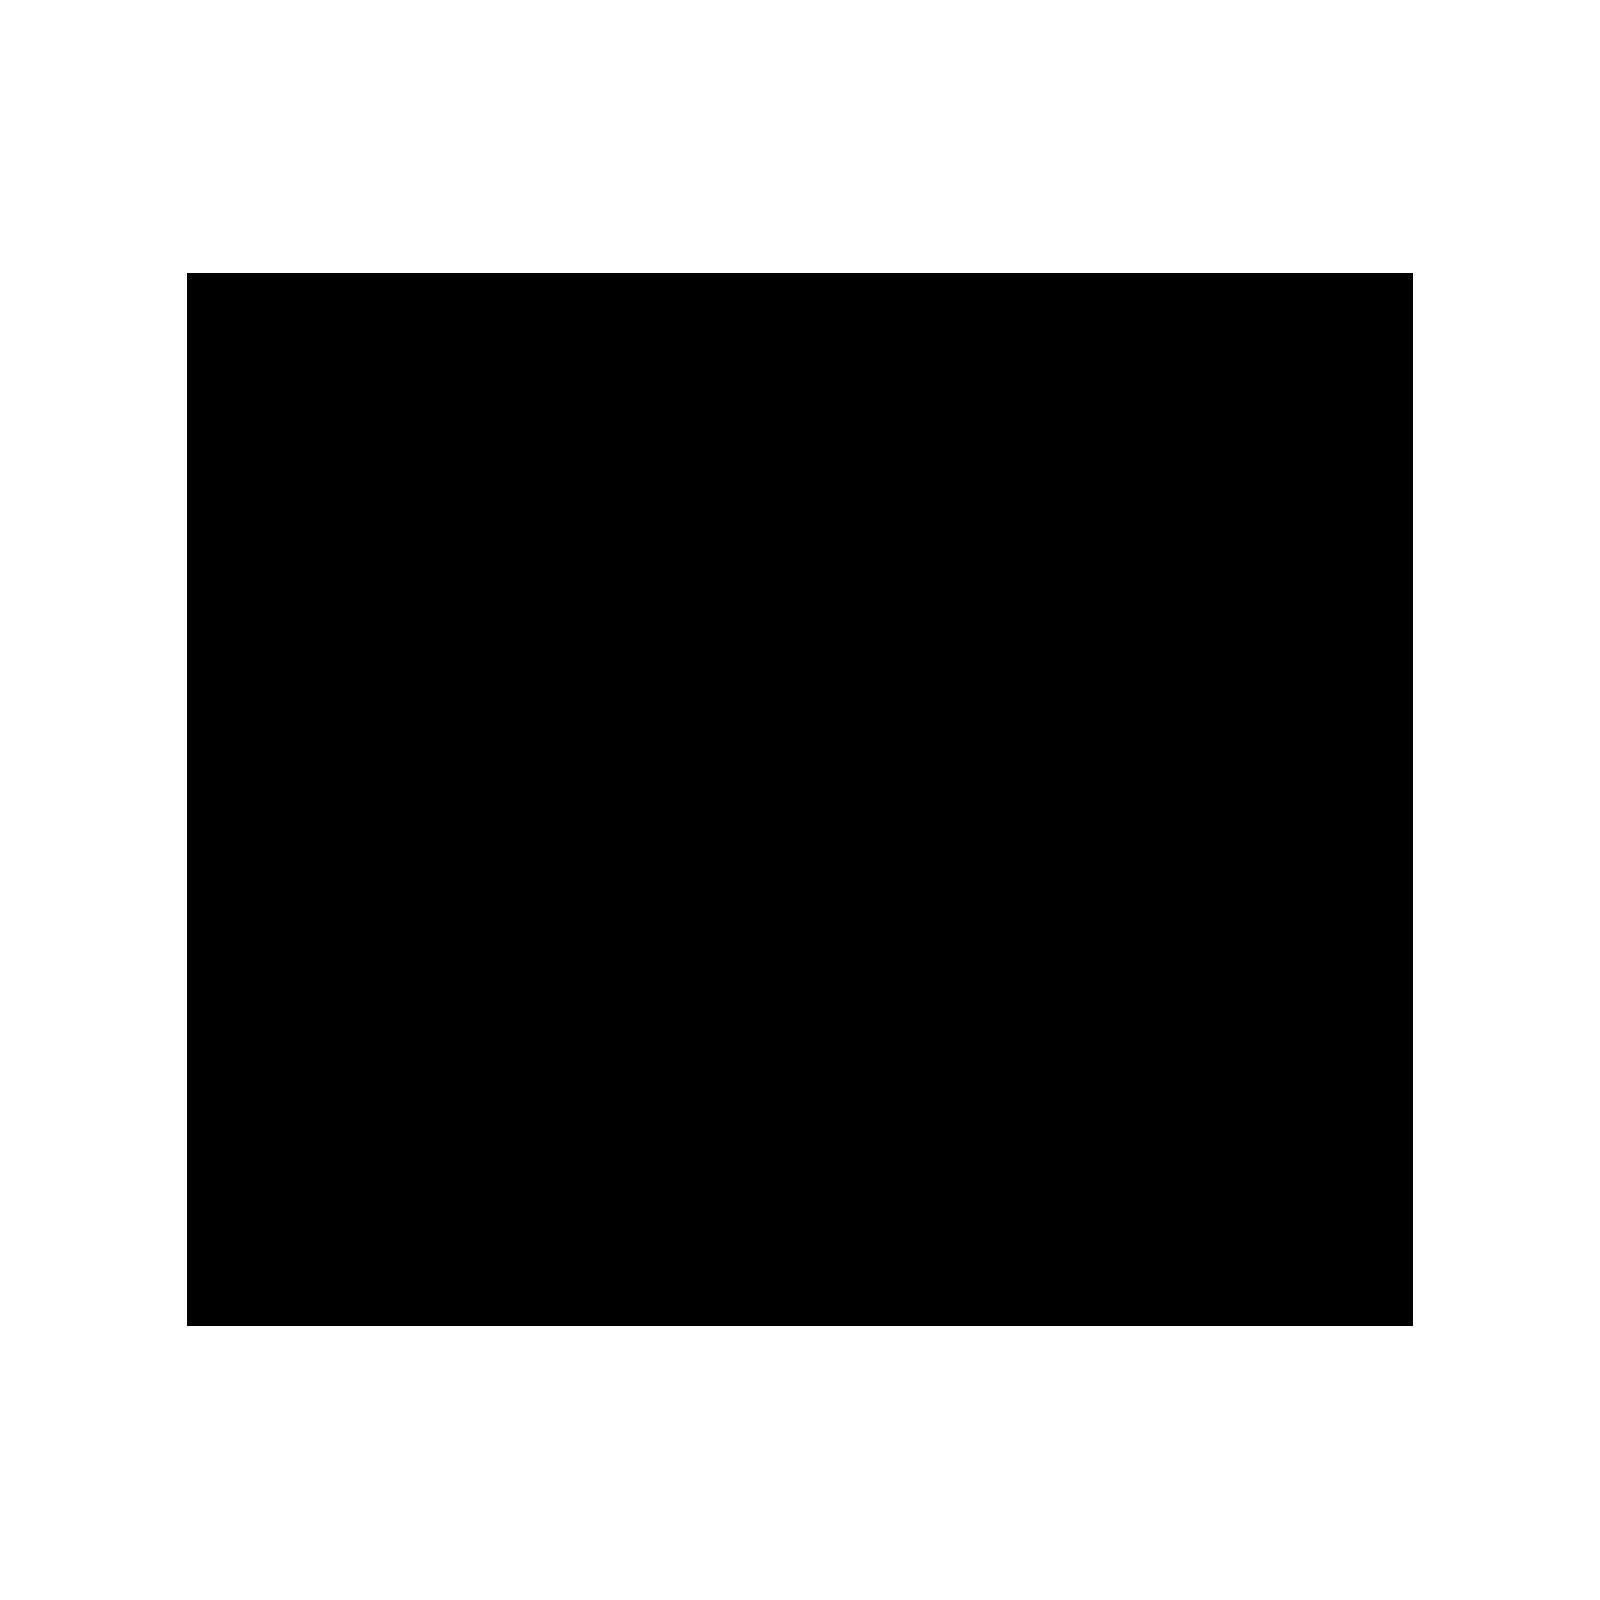 Küchenspülmischer mit rotierendem geschmolzenem Auslaufen